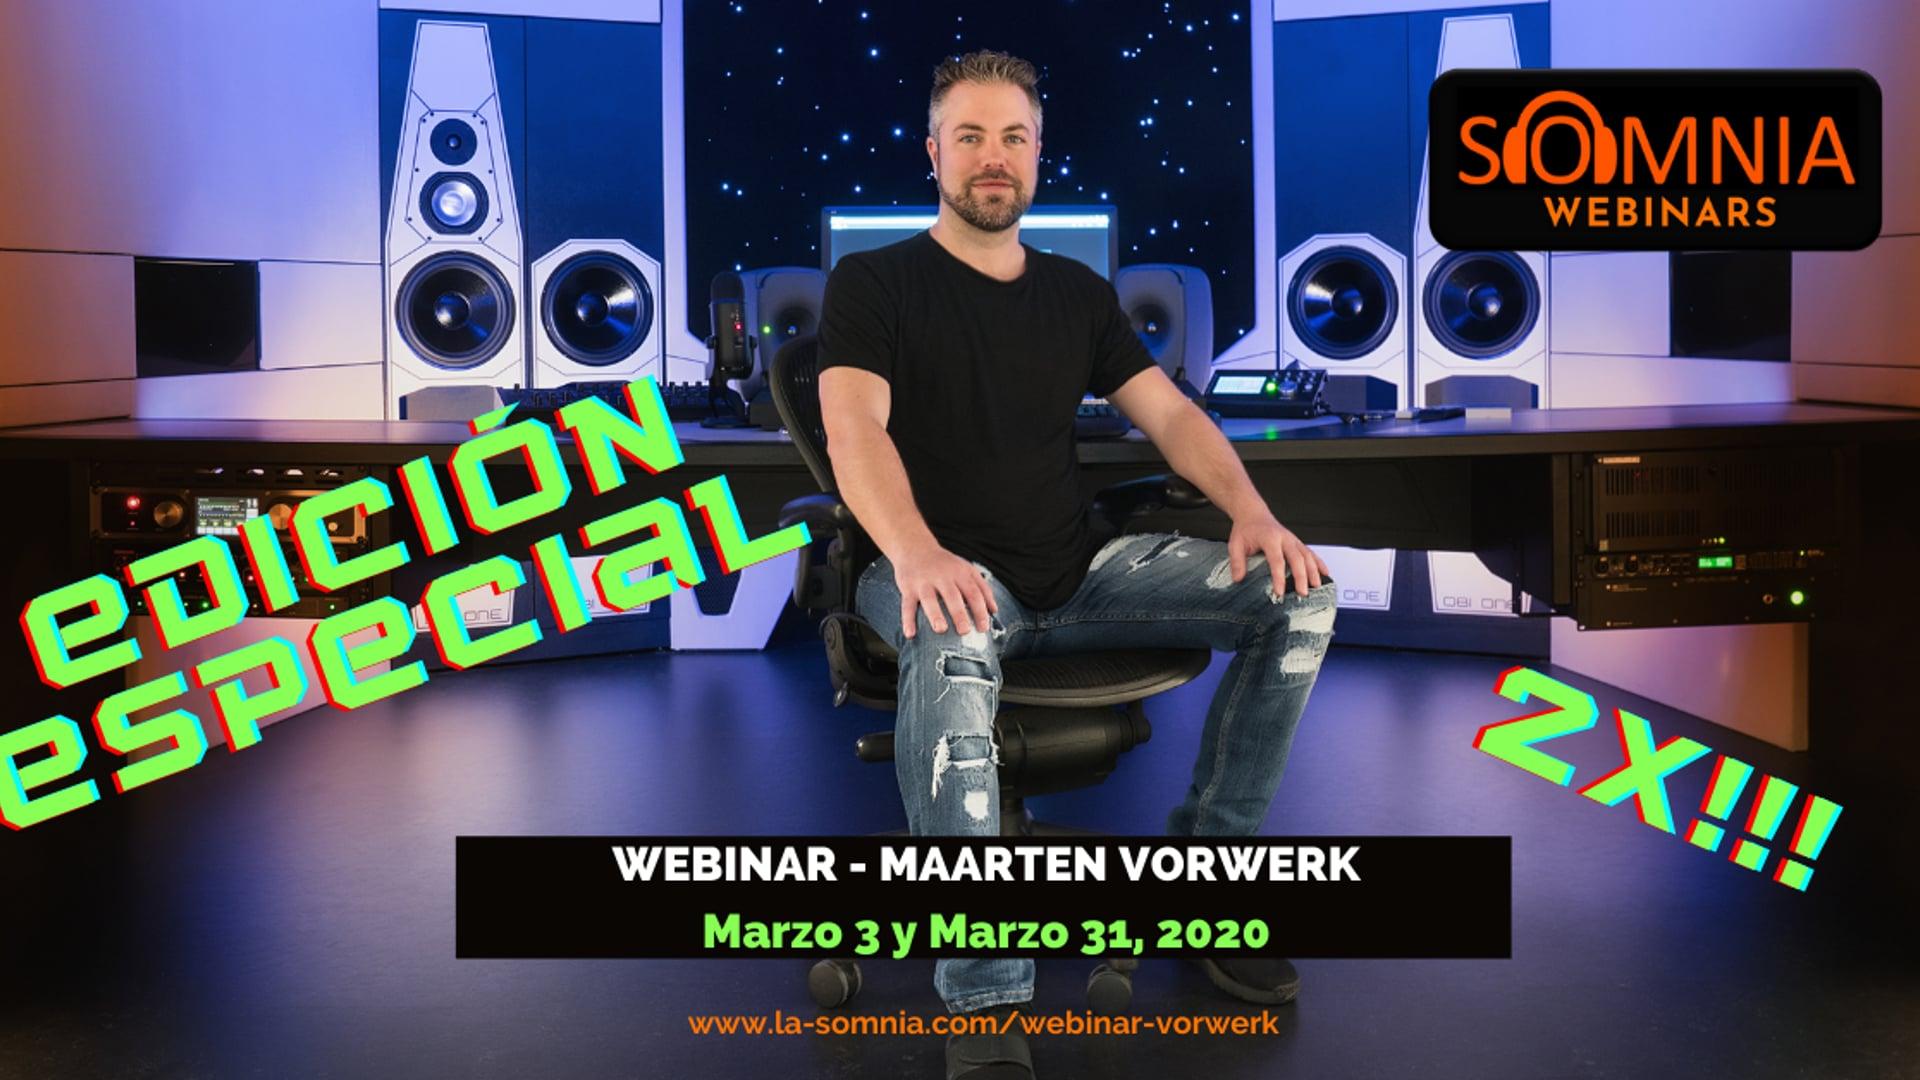 WEBINAR VORWERK - MAR. 2021 #1